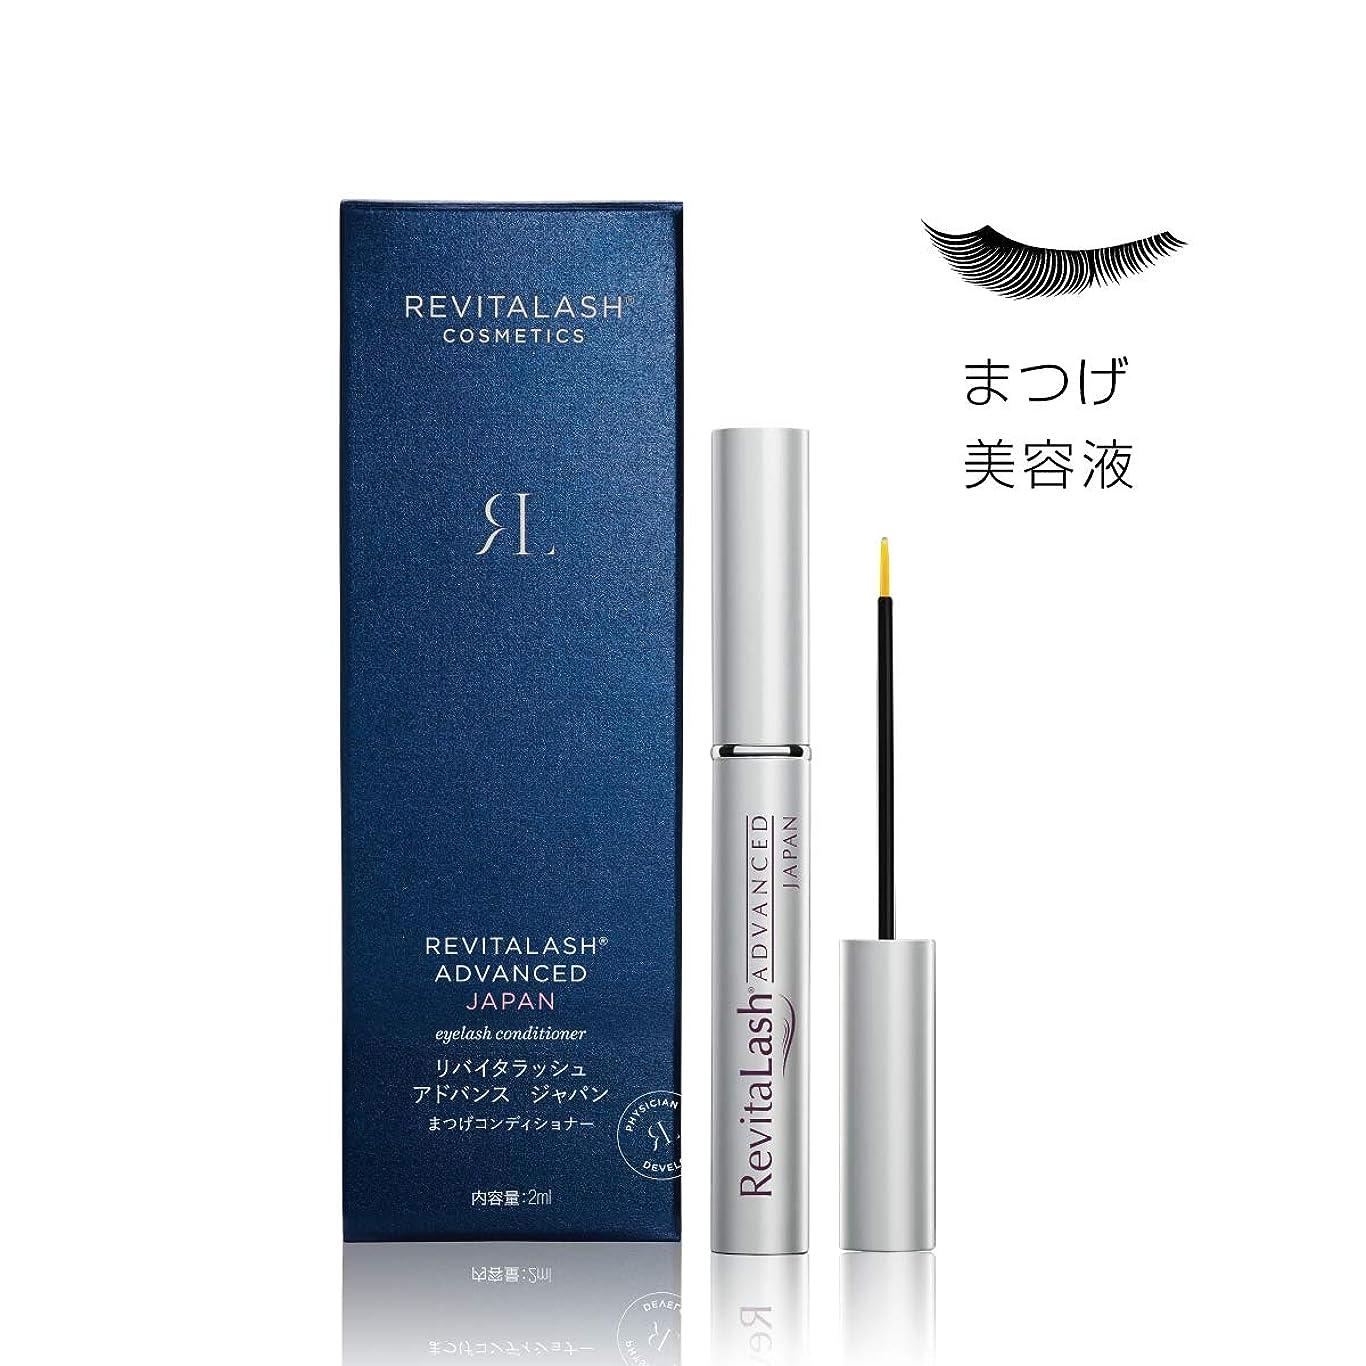 合わせて印象的私達リバイタラッシュ アドバンス ジャパン まつげ美容液 2ml